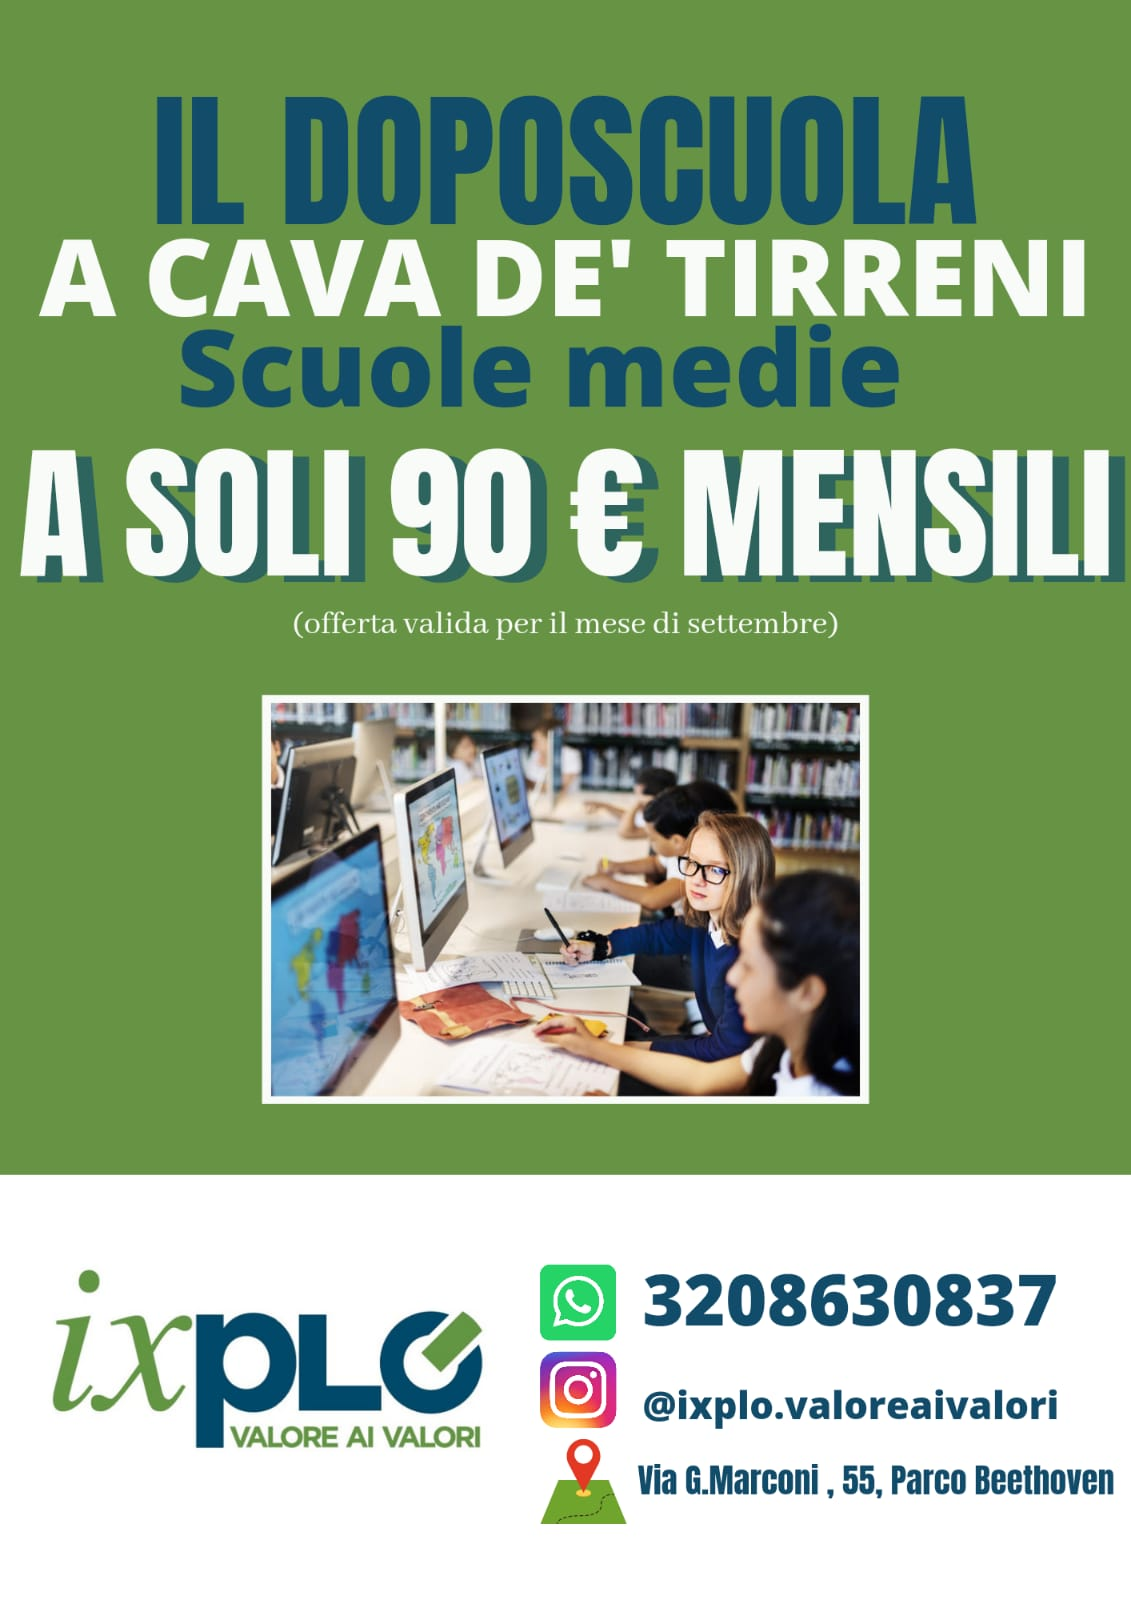 IXPLO', il Doposcuola a Cava de' Tirreni a soli 90 € per il mese di Settembre!